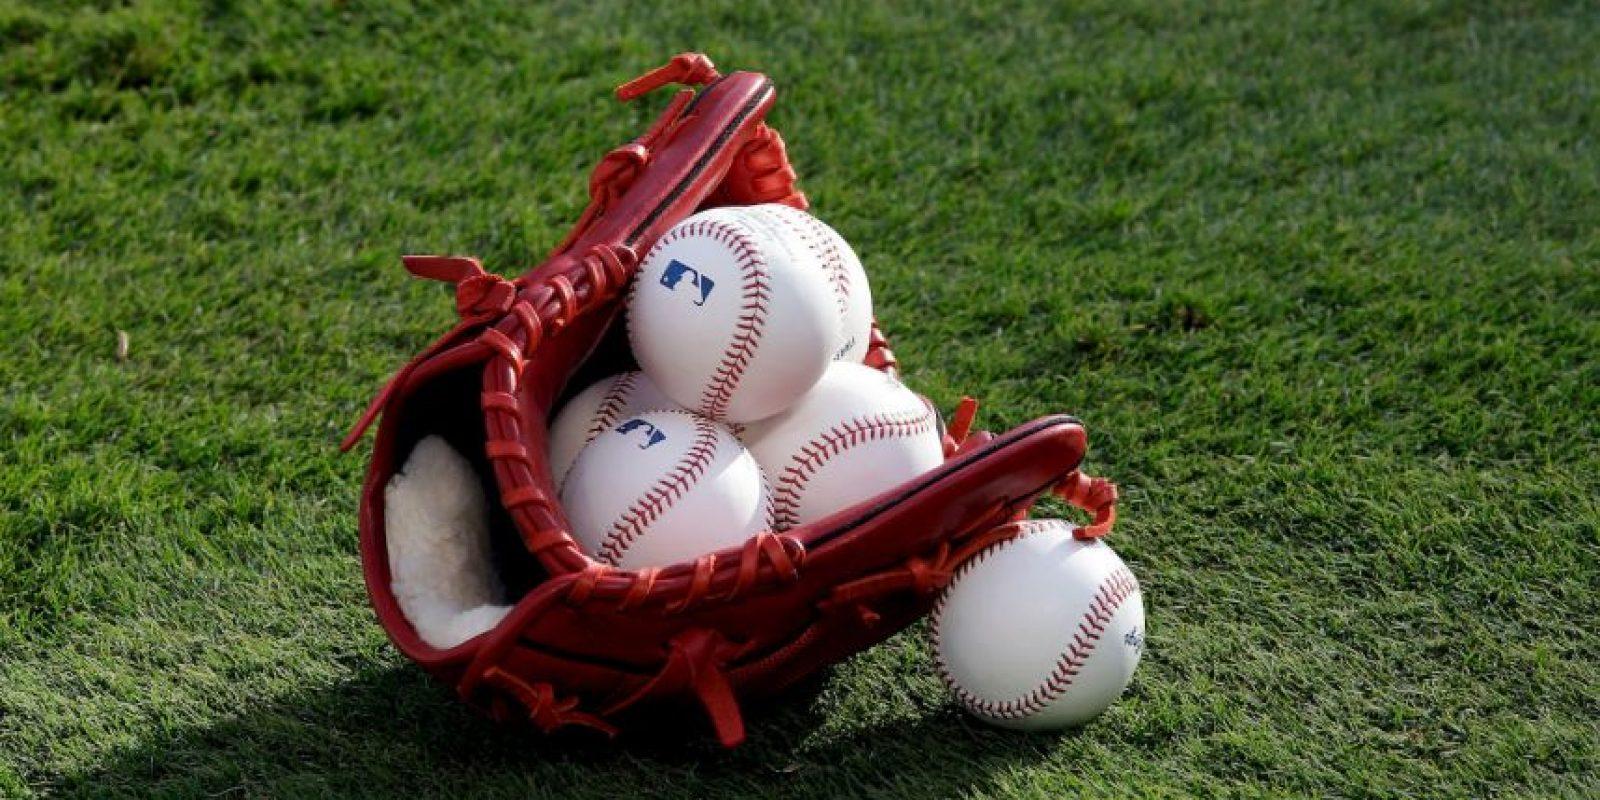 Los venezolanos practican varios deportes, pero ninguno con tanta pasión como el béisbol donde son potencia mundial y tiene grandes representantes en las Grandes Ligas como el tolero de los Tigres de Detroit, Miguel Cabrera. Foto:Getty Images